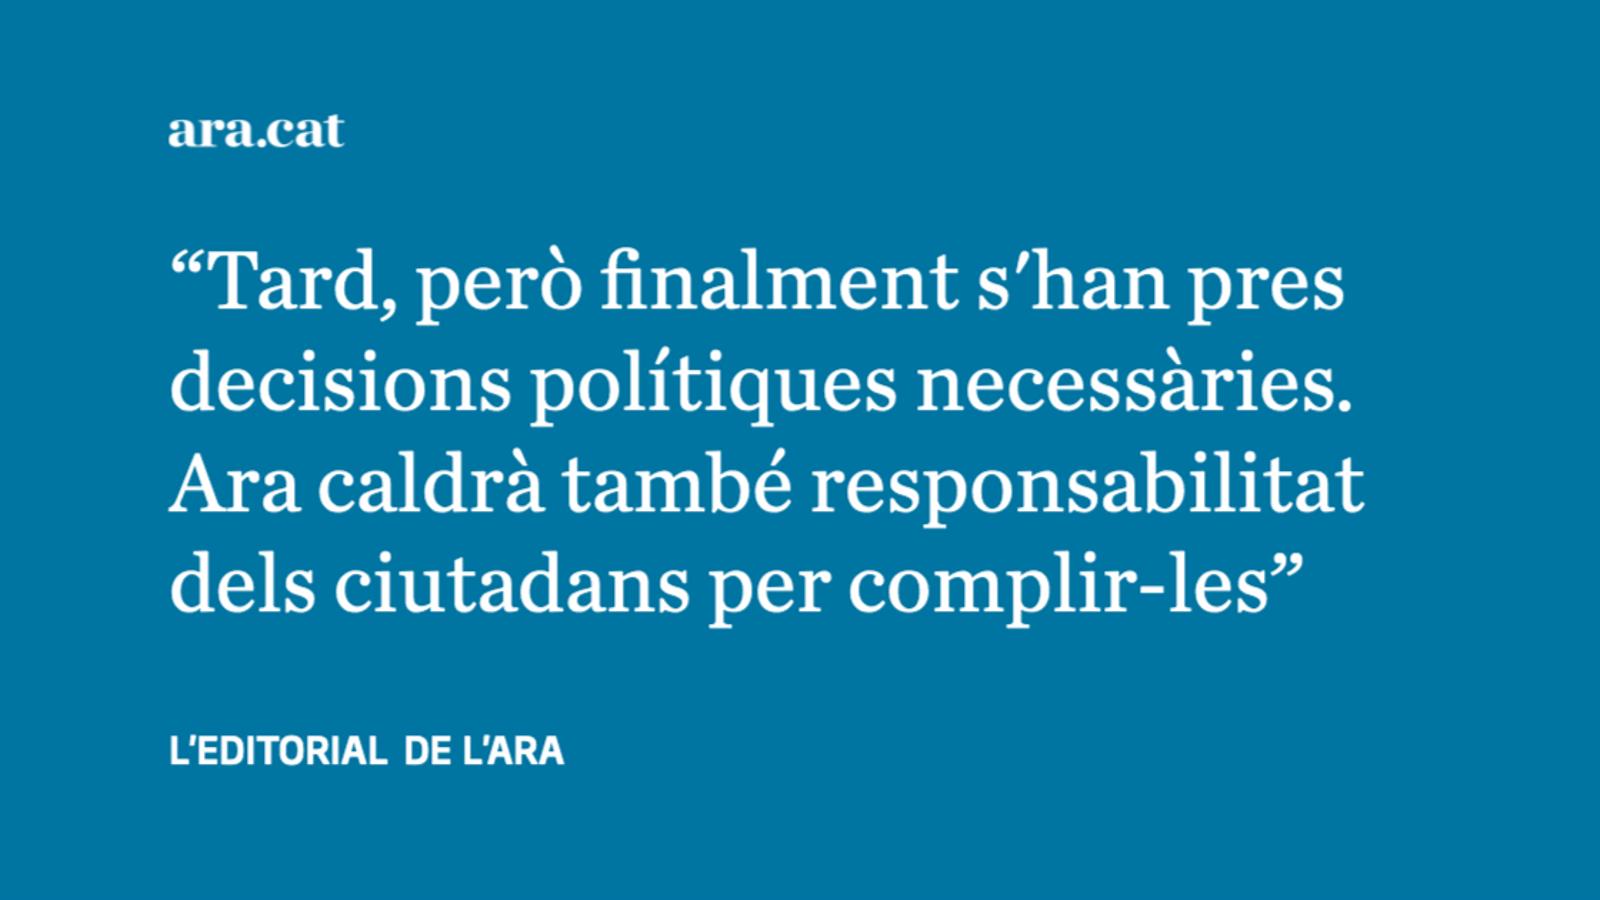 L'hora de la responsabilitat política i ciutadana